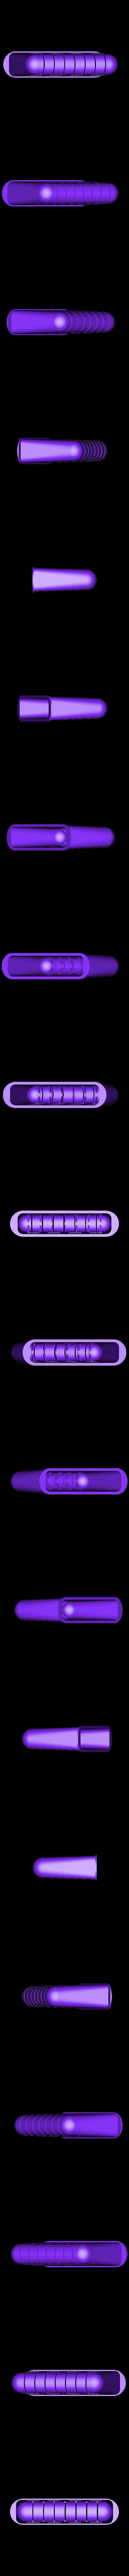 platin_cage_holes_bottom.stl Télécharger fichier STL gratuit Capsule vide prête à pousser • Modèle pour imprimante 3D, silversurfer34